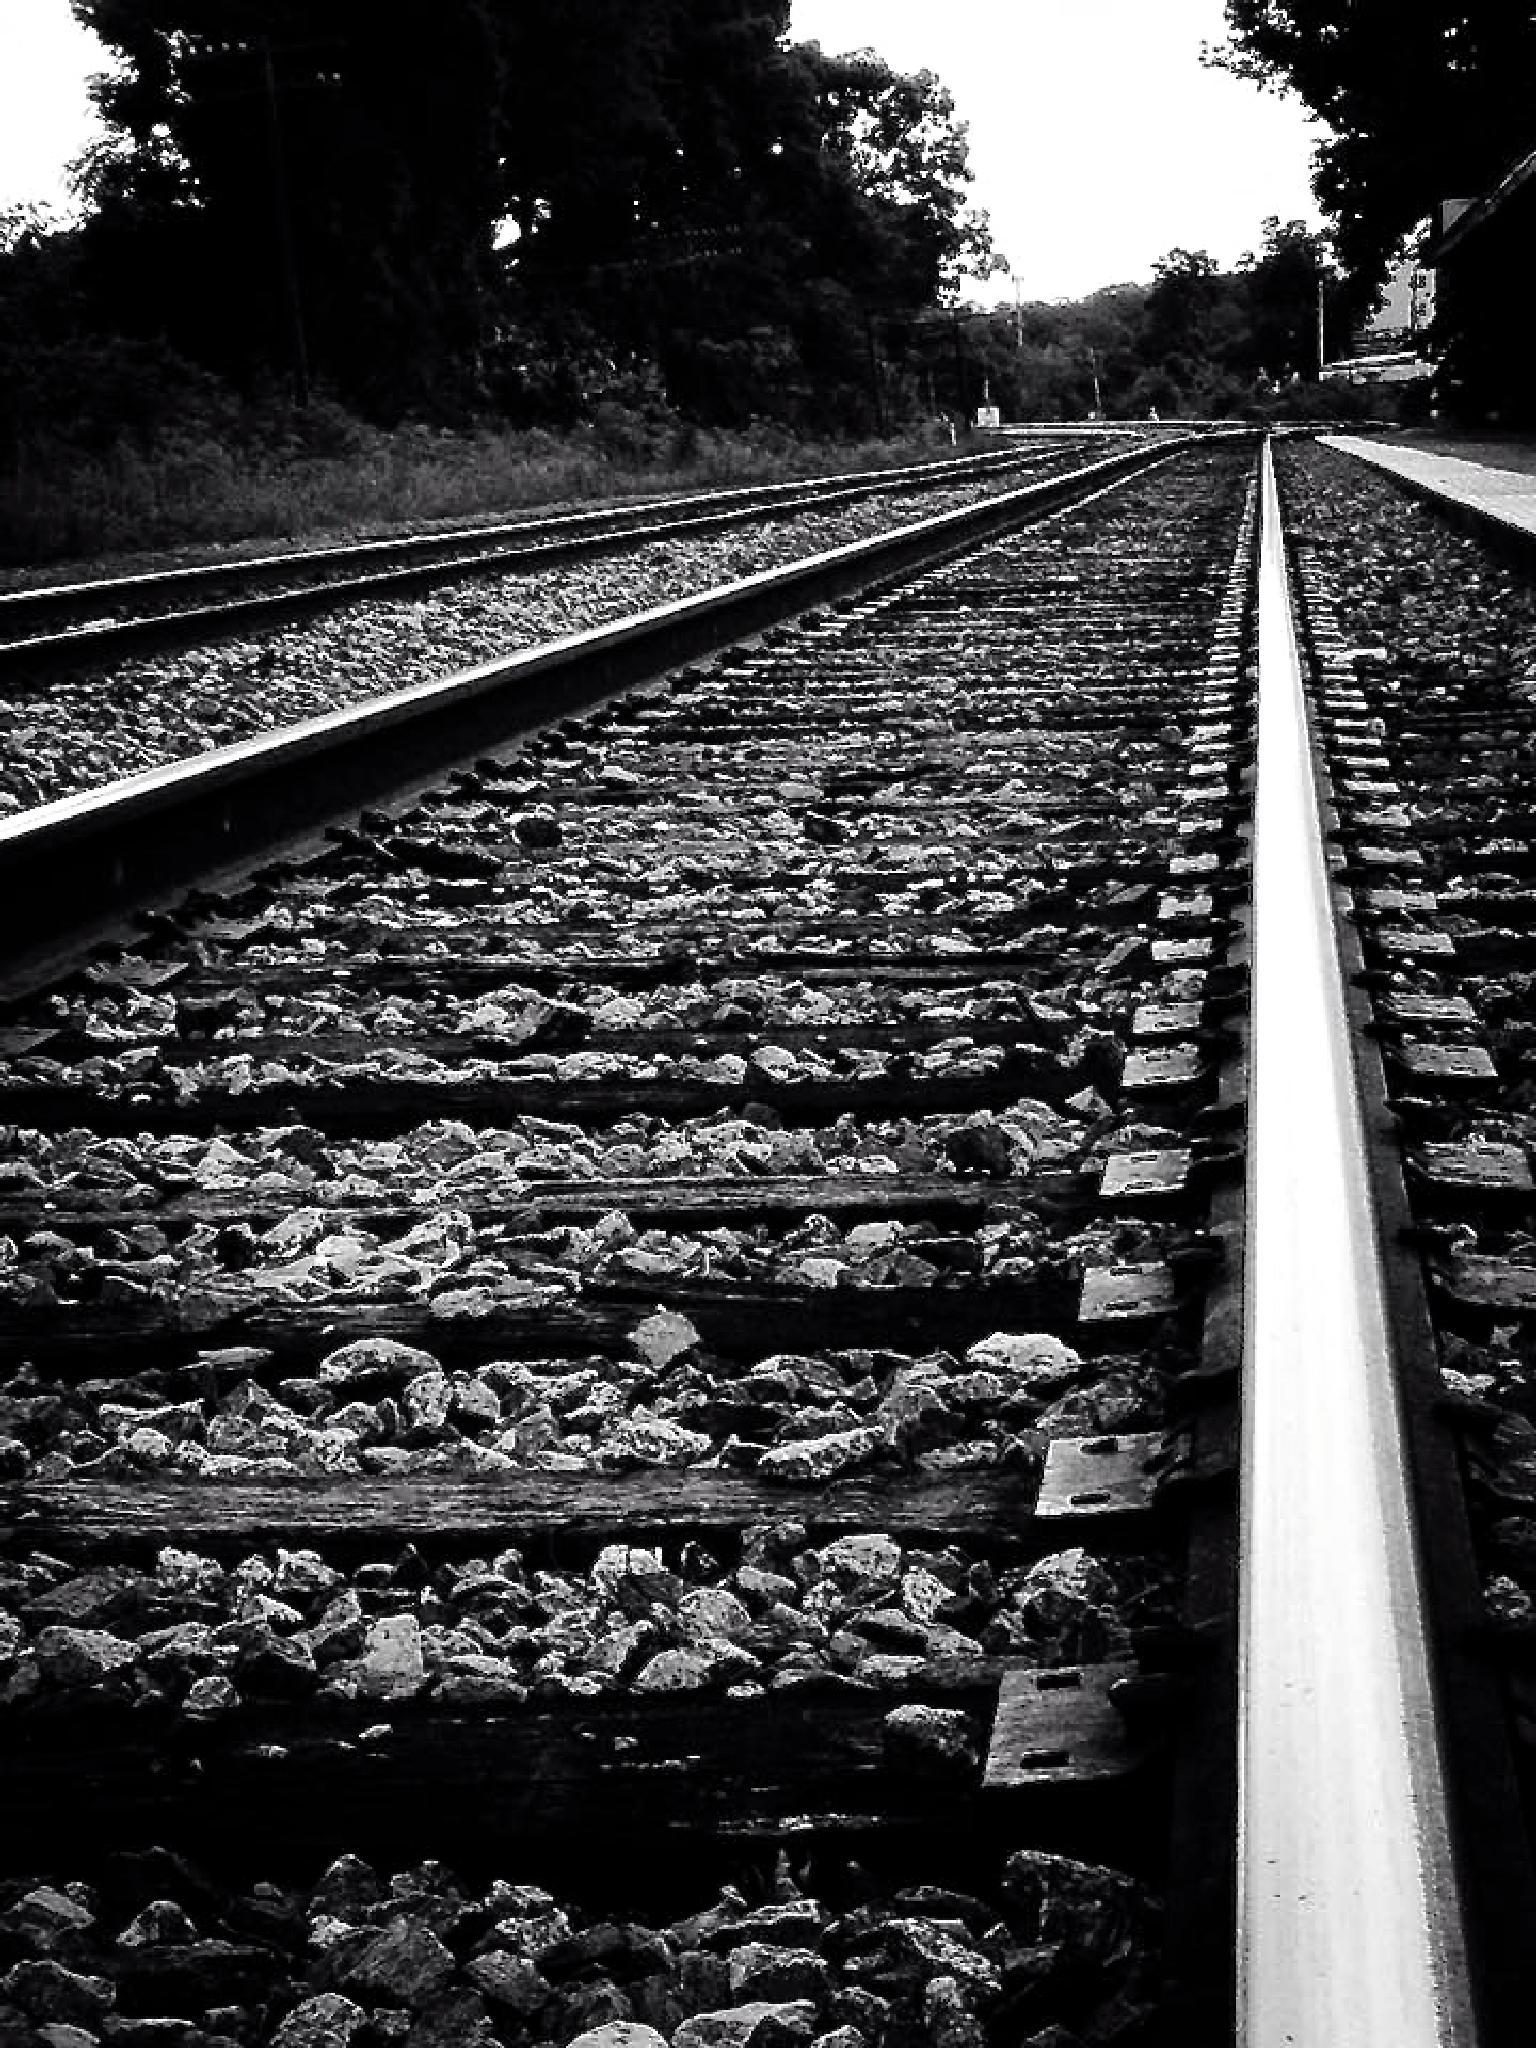 Long Road Ahead by eegeorge